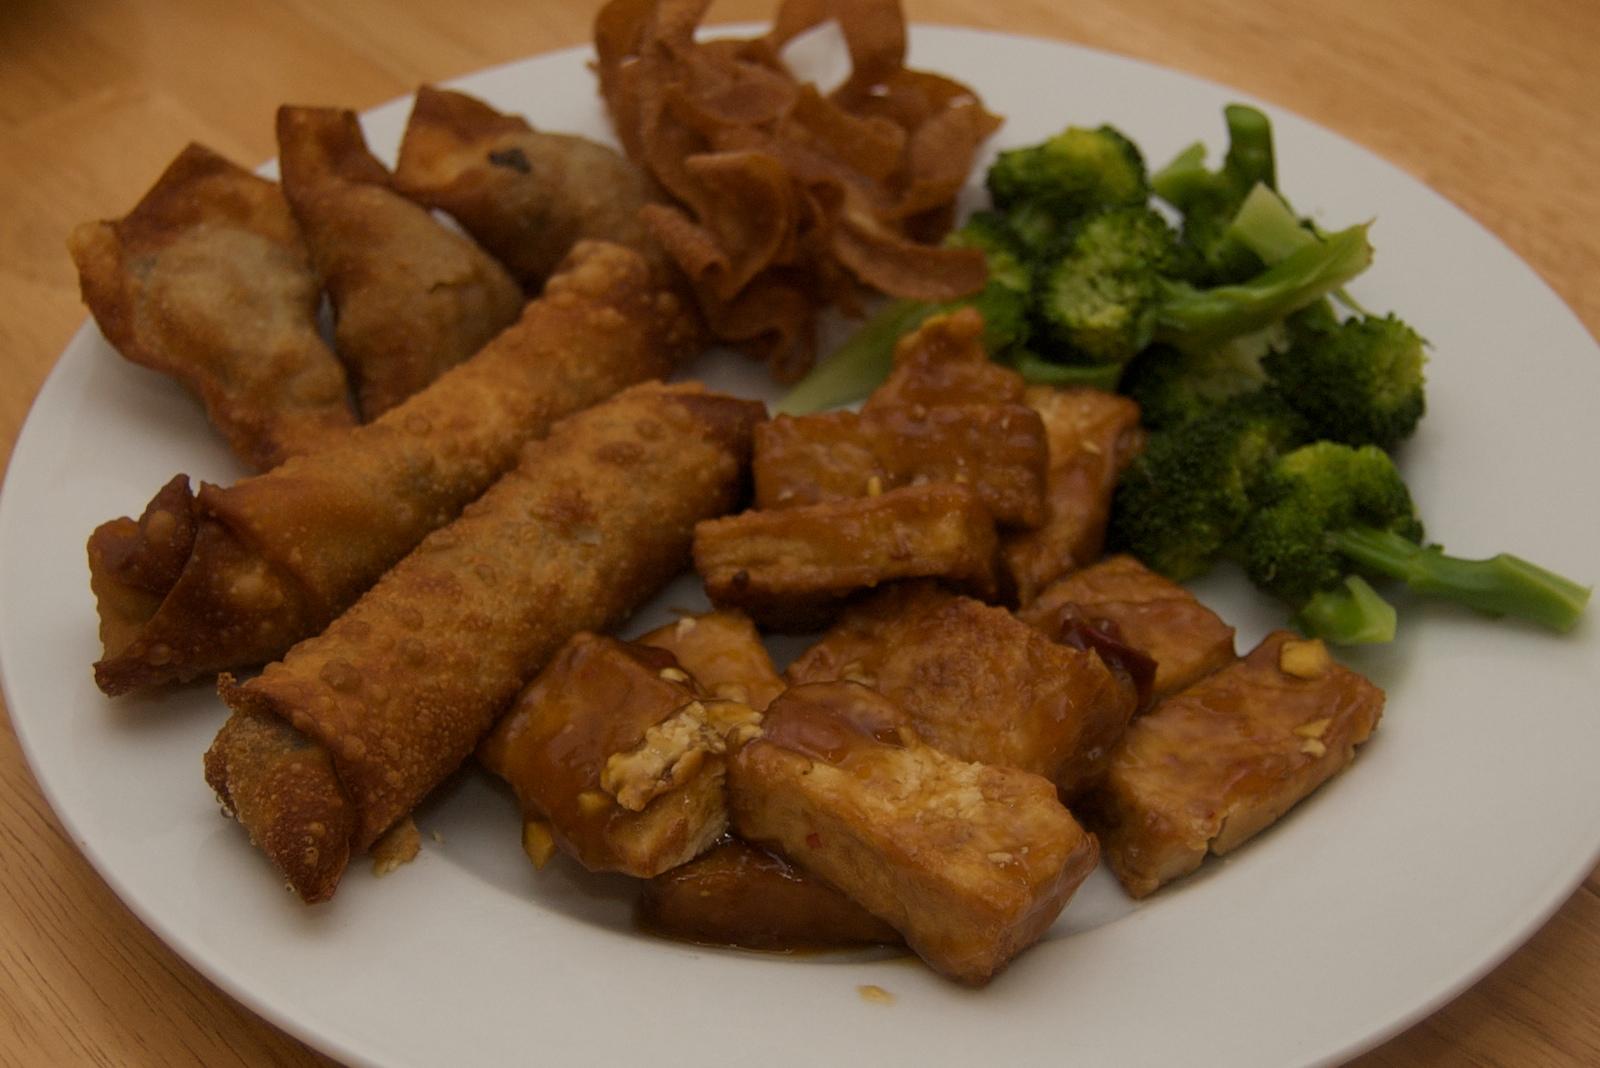 http://blog.rickk.com/food/2010/01/12/DSC_0024.jpg